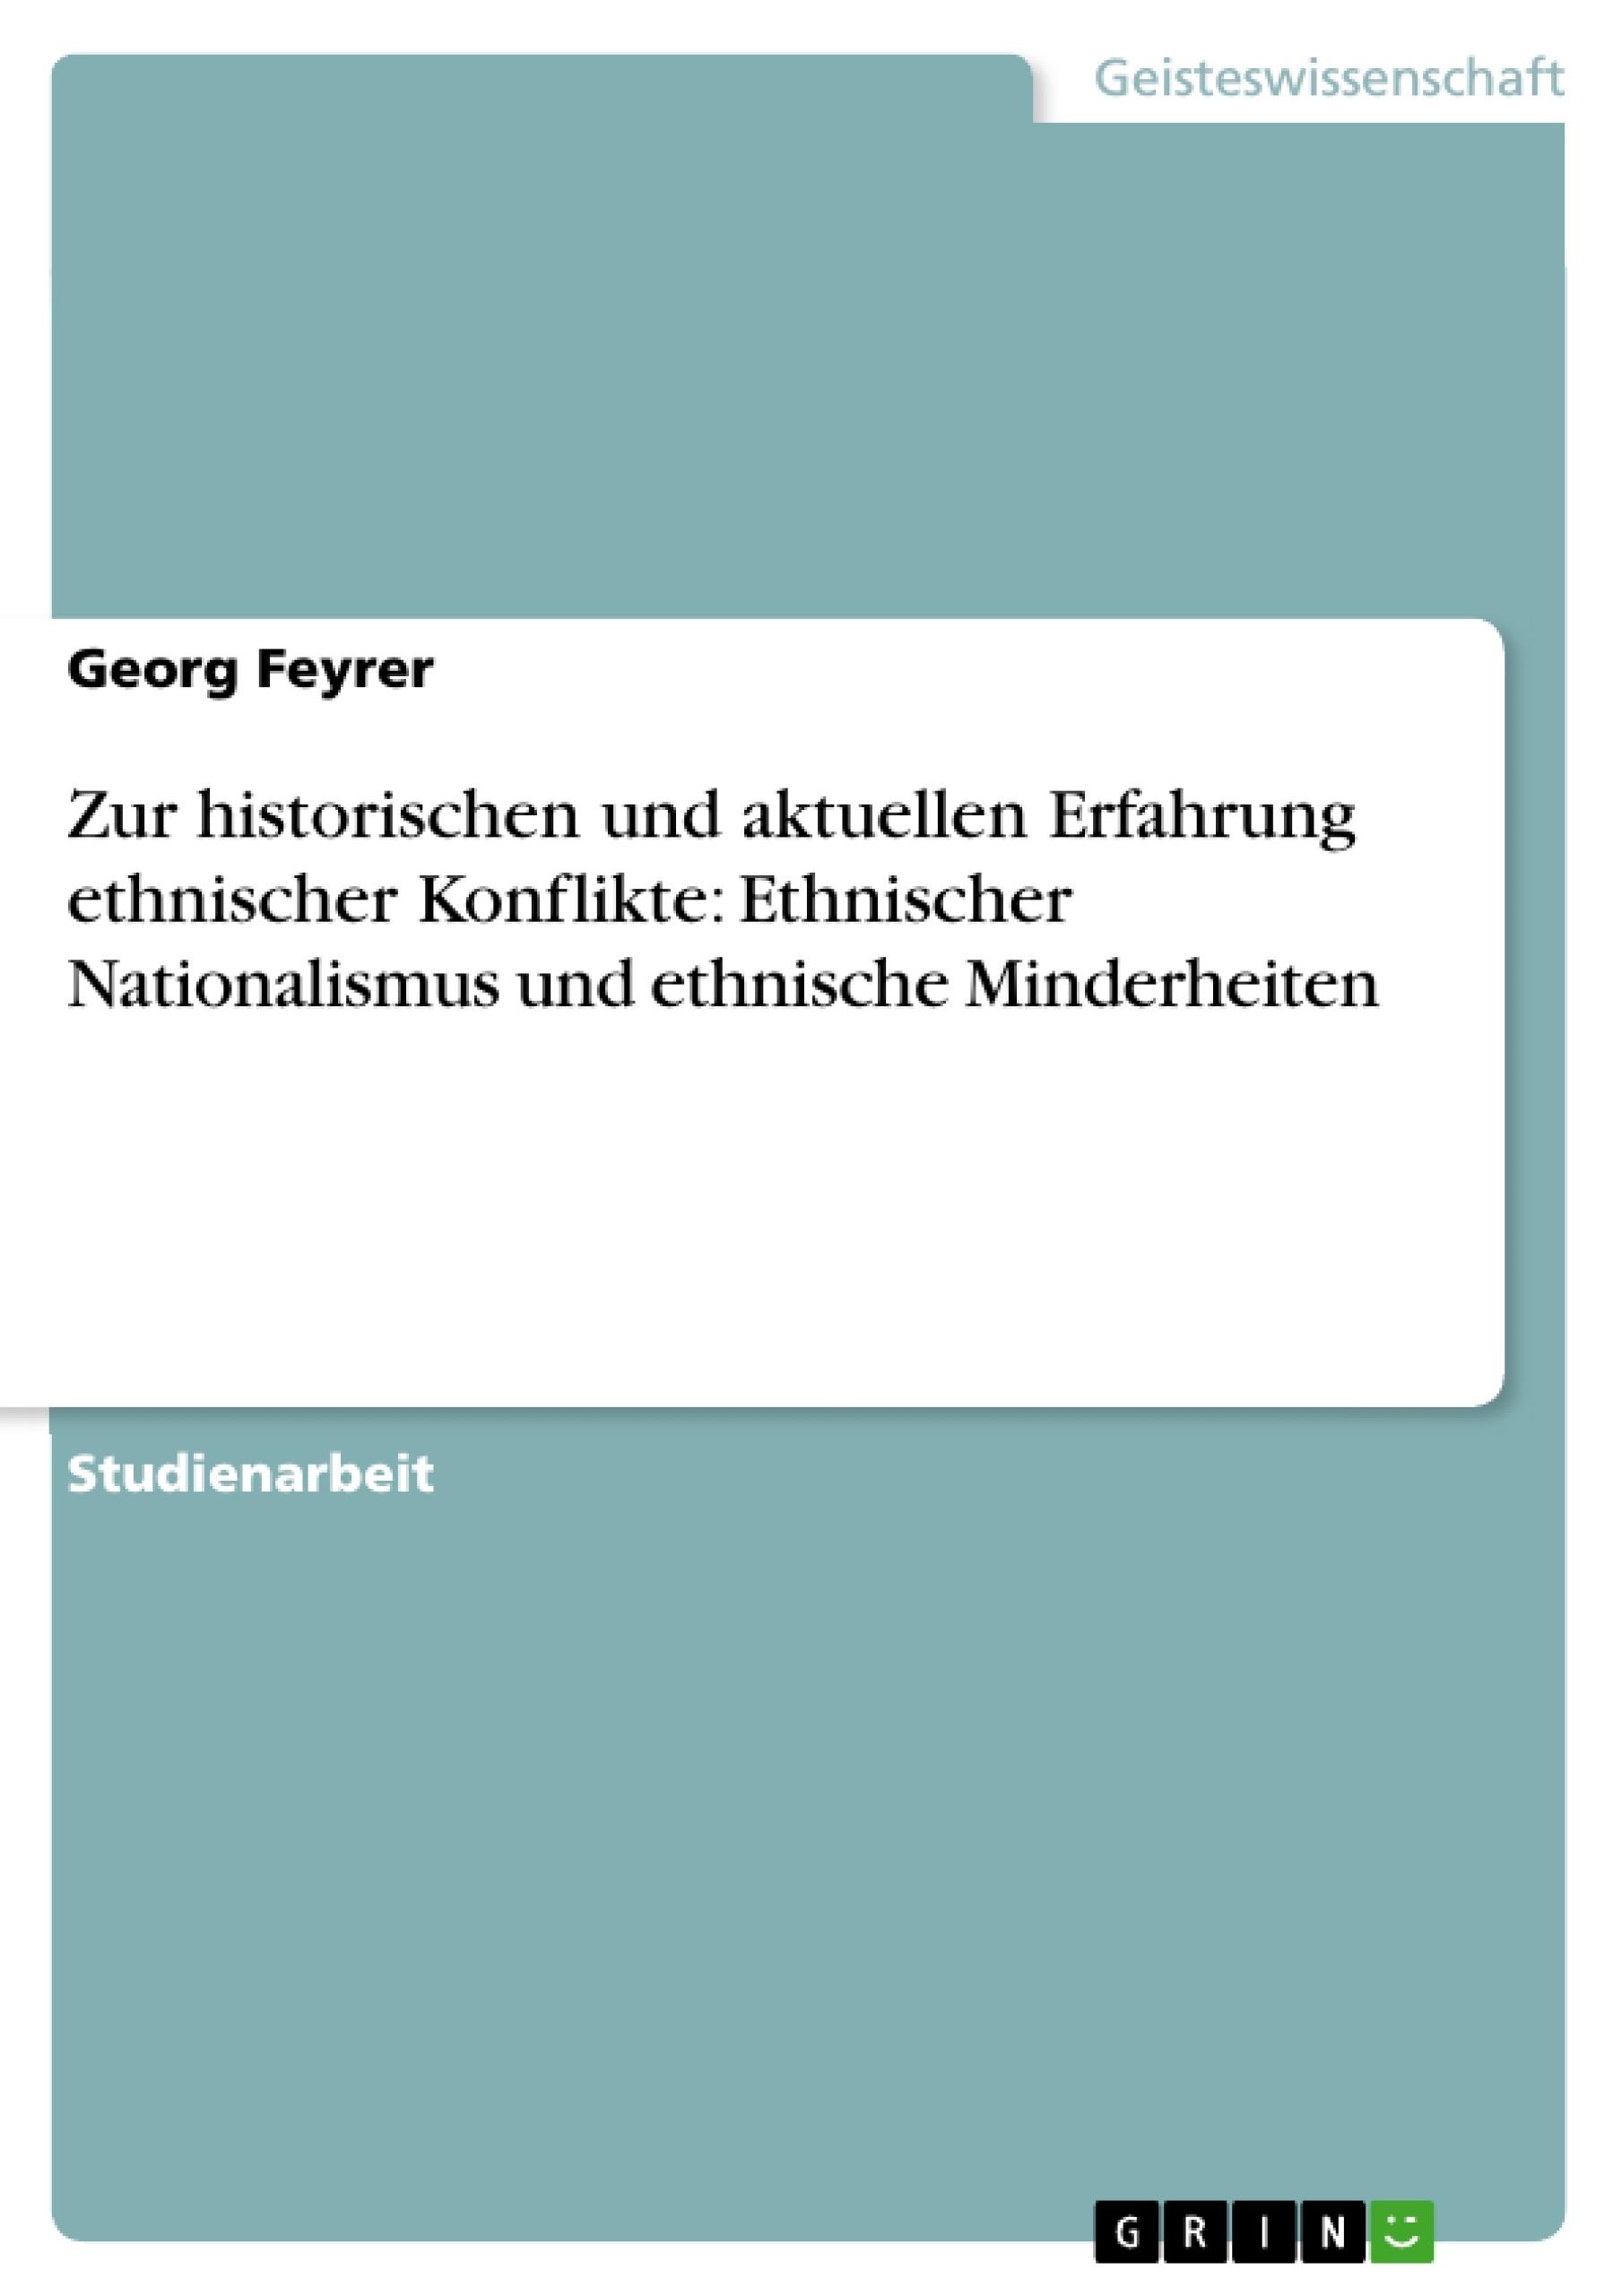 Titel: Zur historischen und aktuellen Erfahrung ethnischer Konflikte: Ethnischer Nationalismus und ethnische Minderheiten